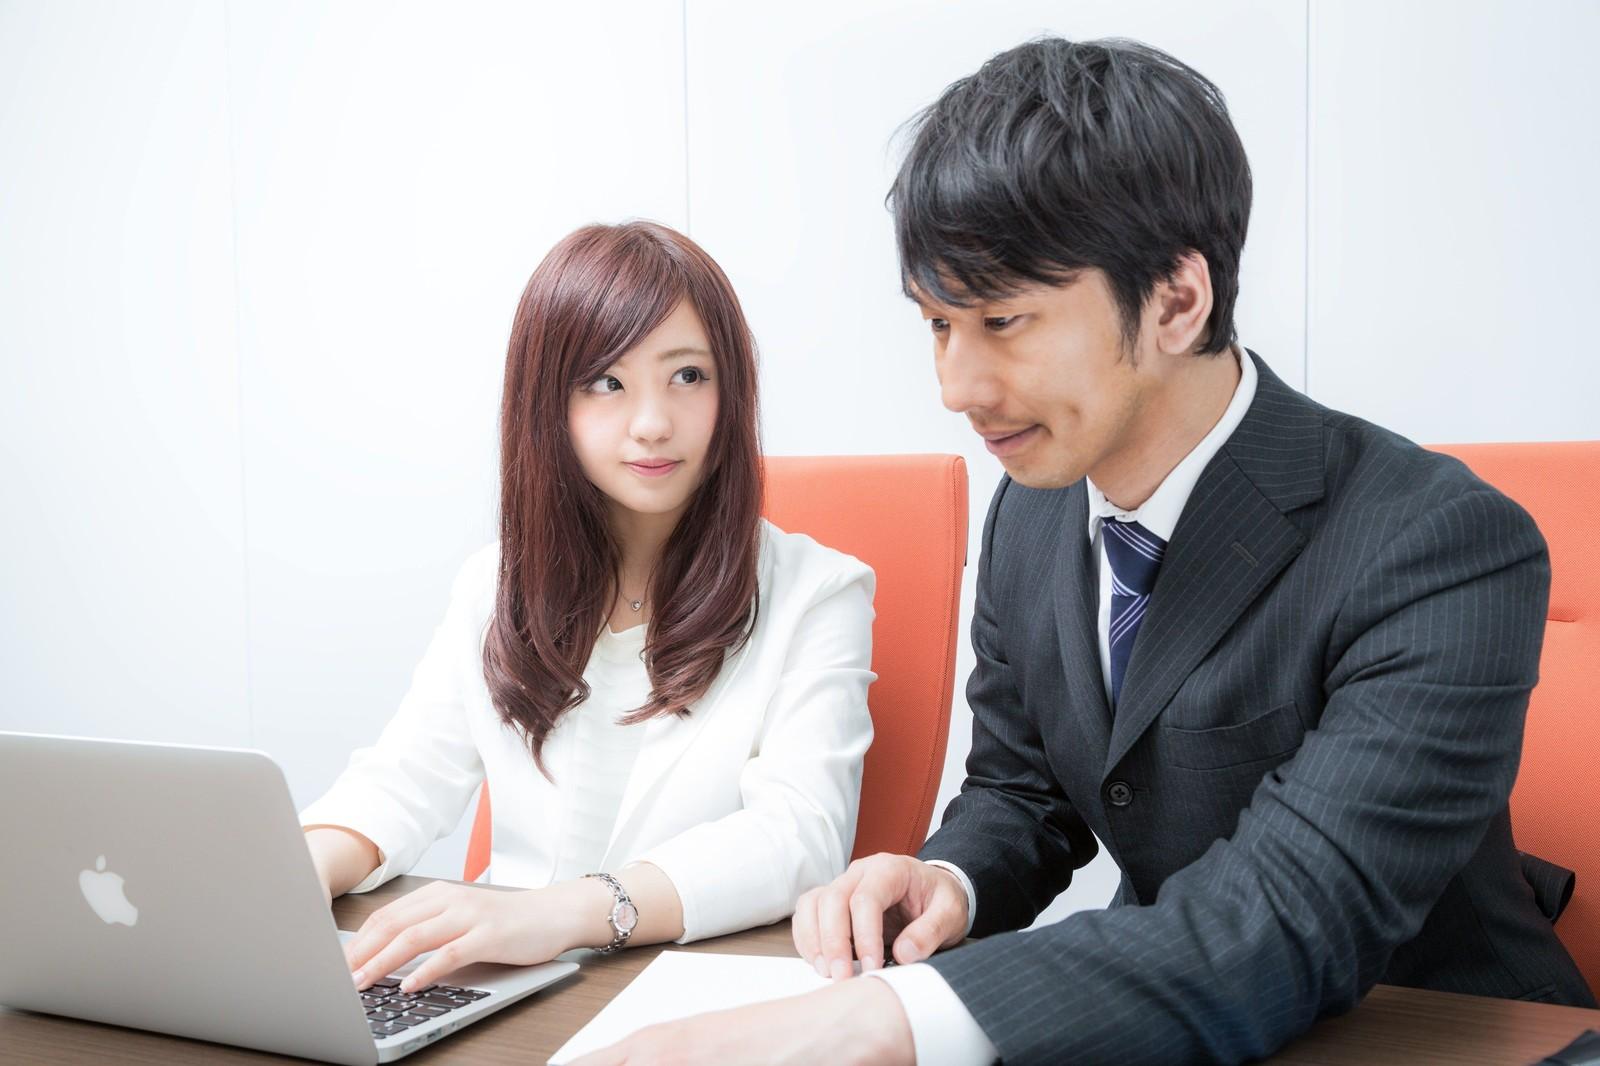 【新人研修】司法書士の配属研修受講の心得